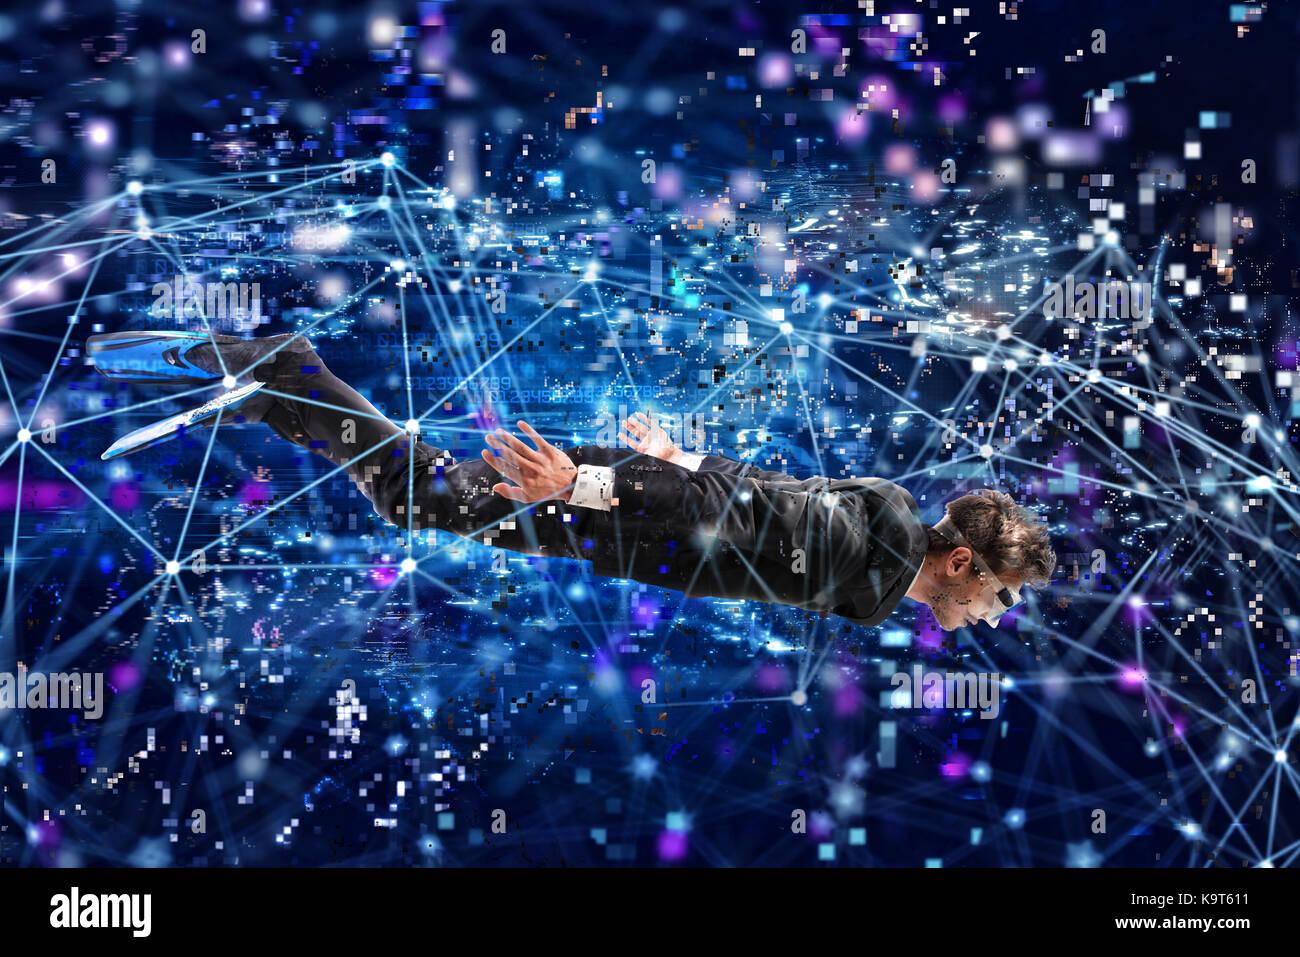 Businessman surfer sur l'internet sous l'eau avec masque. concept d'exploration de l'internet Photo Stock